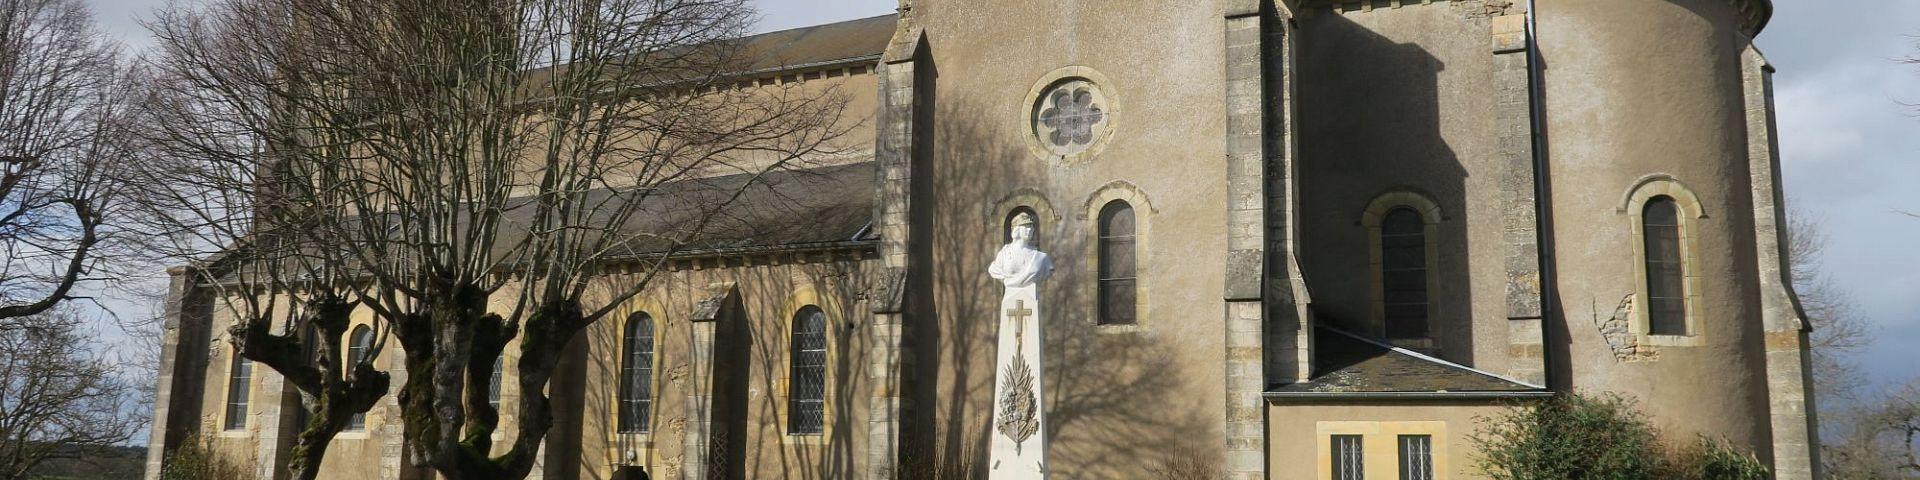 Guipy - Eglise Saint-Germain d'Auxerre (58)